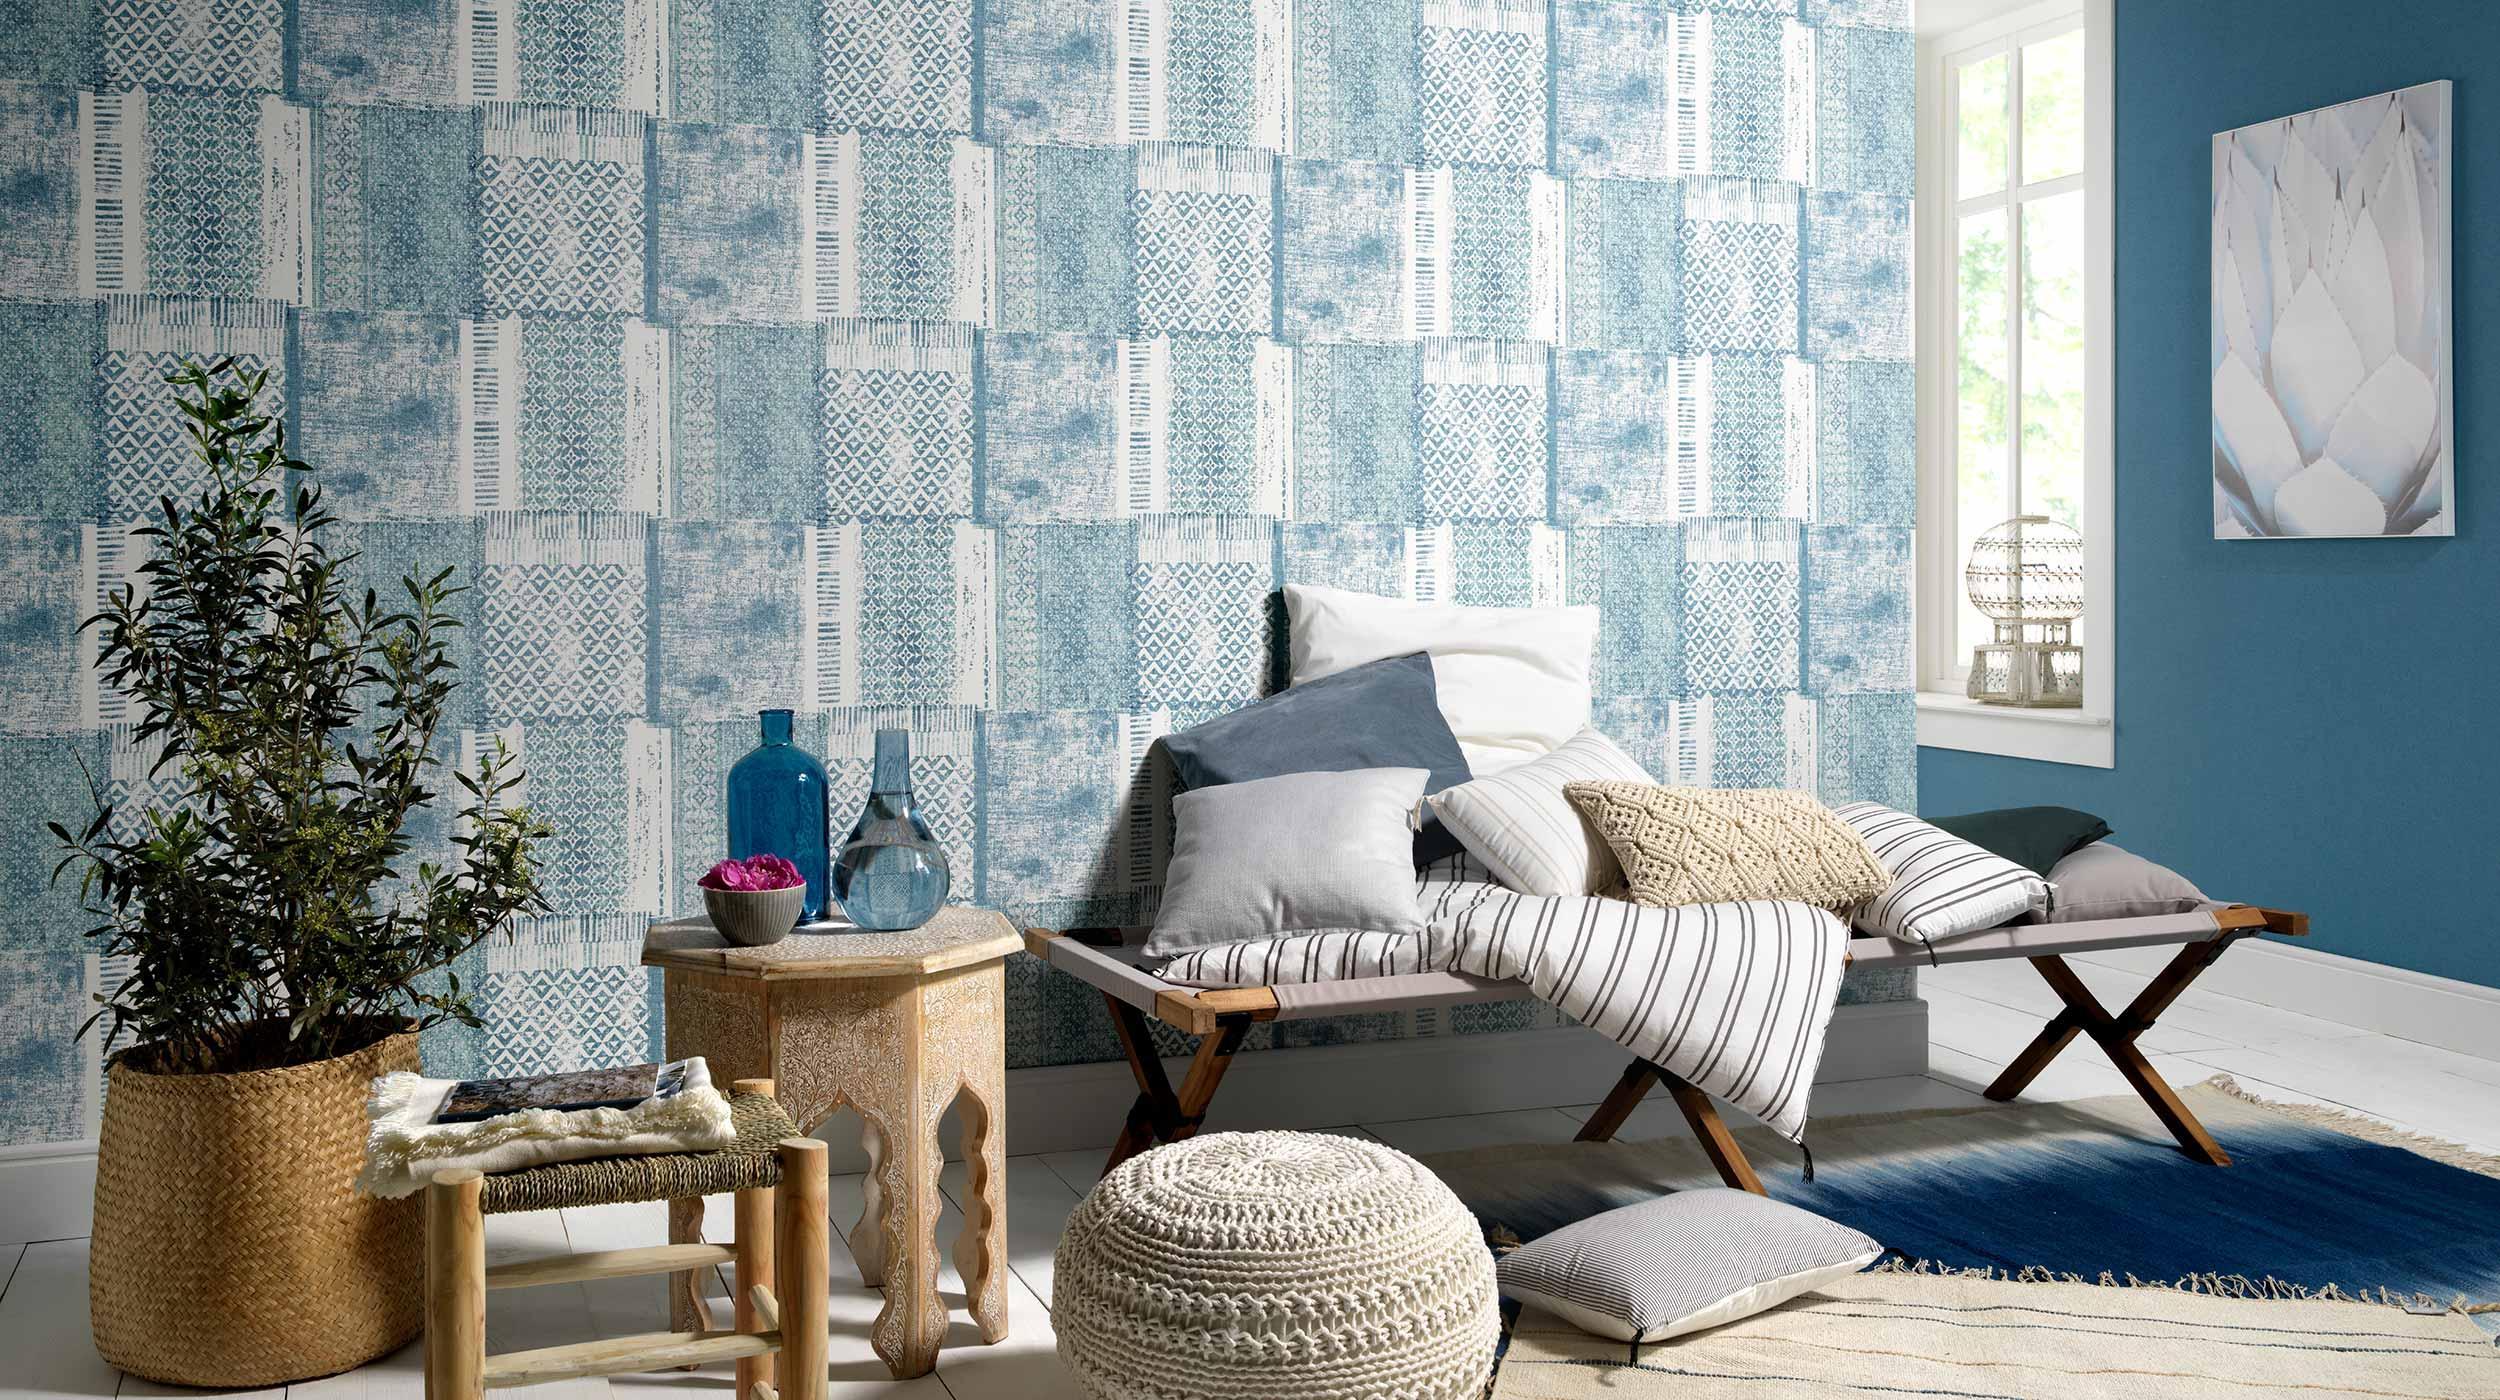 Moderner Wohnraum mit Tapetenmuster im Ethno-Look aus der Kollektion Acquabella in Meeresblau